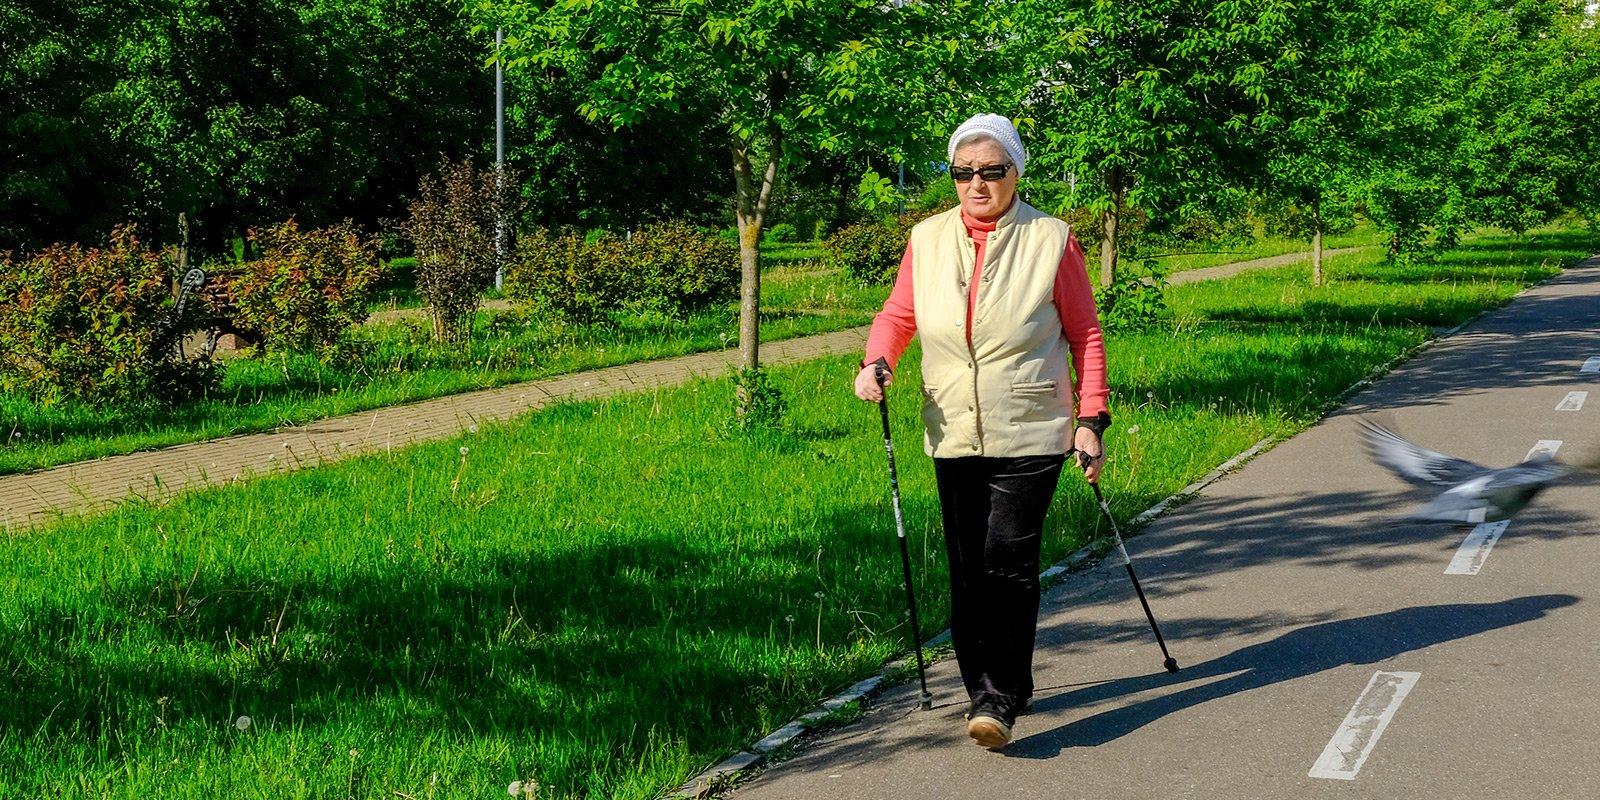 Бег, танцевальный фитнес и стретчинг: в каких парках потренироваться на свежем воздухе